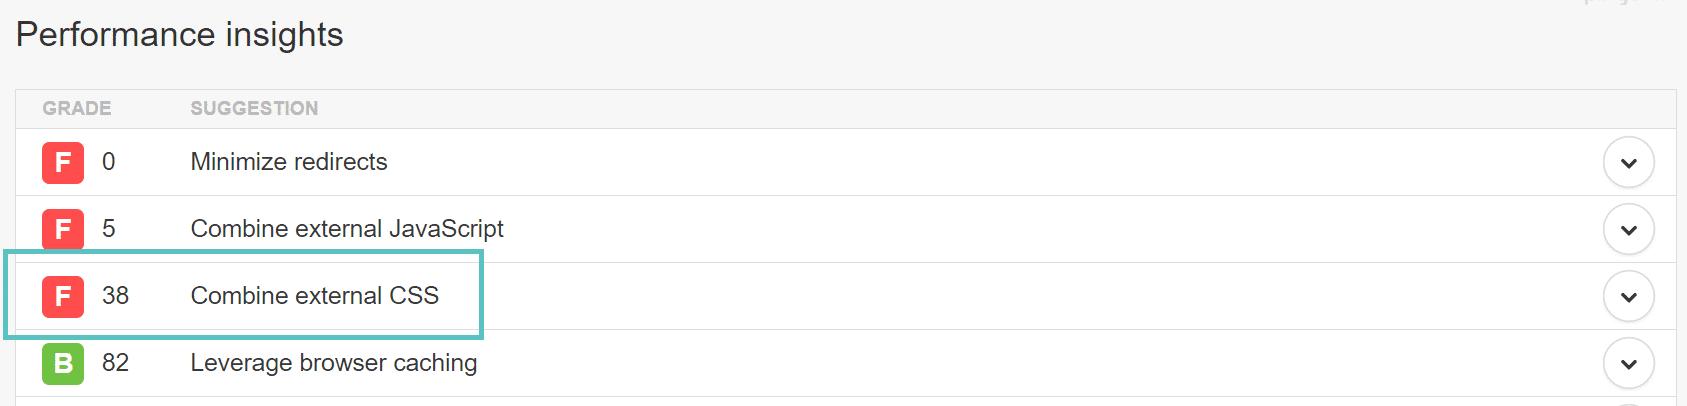 Avertissement Combine external CSS dans Pingdom